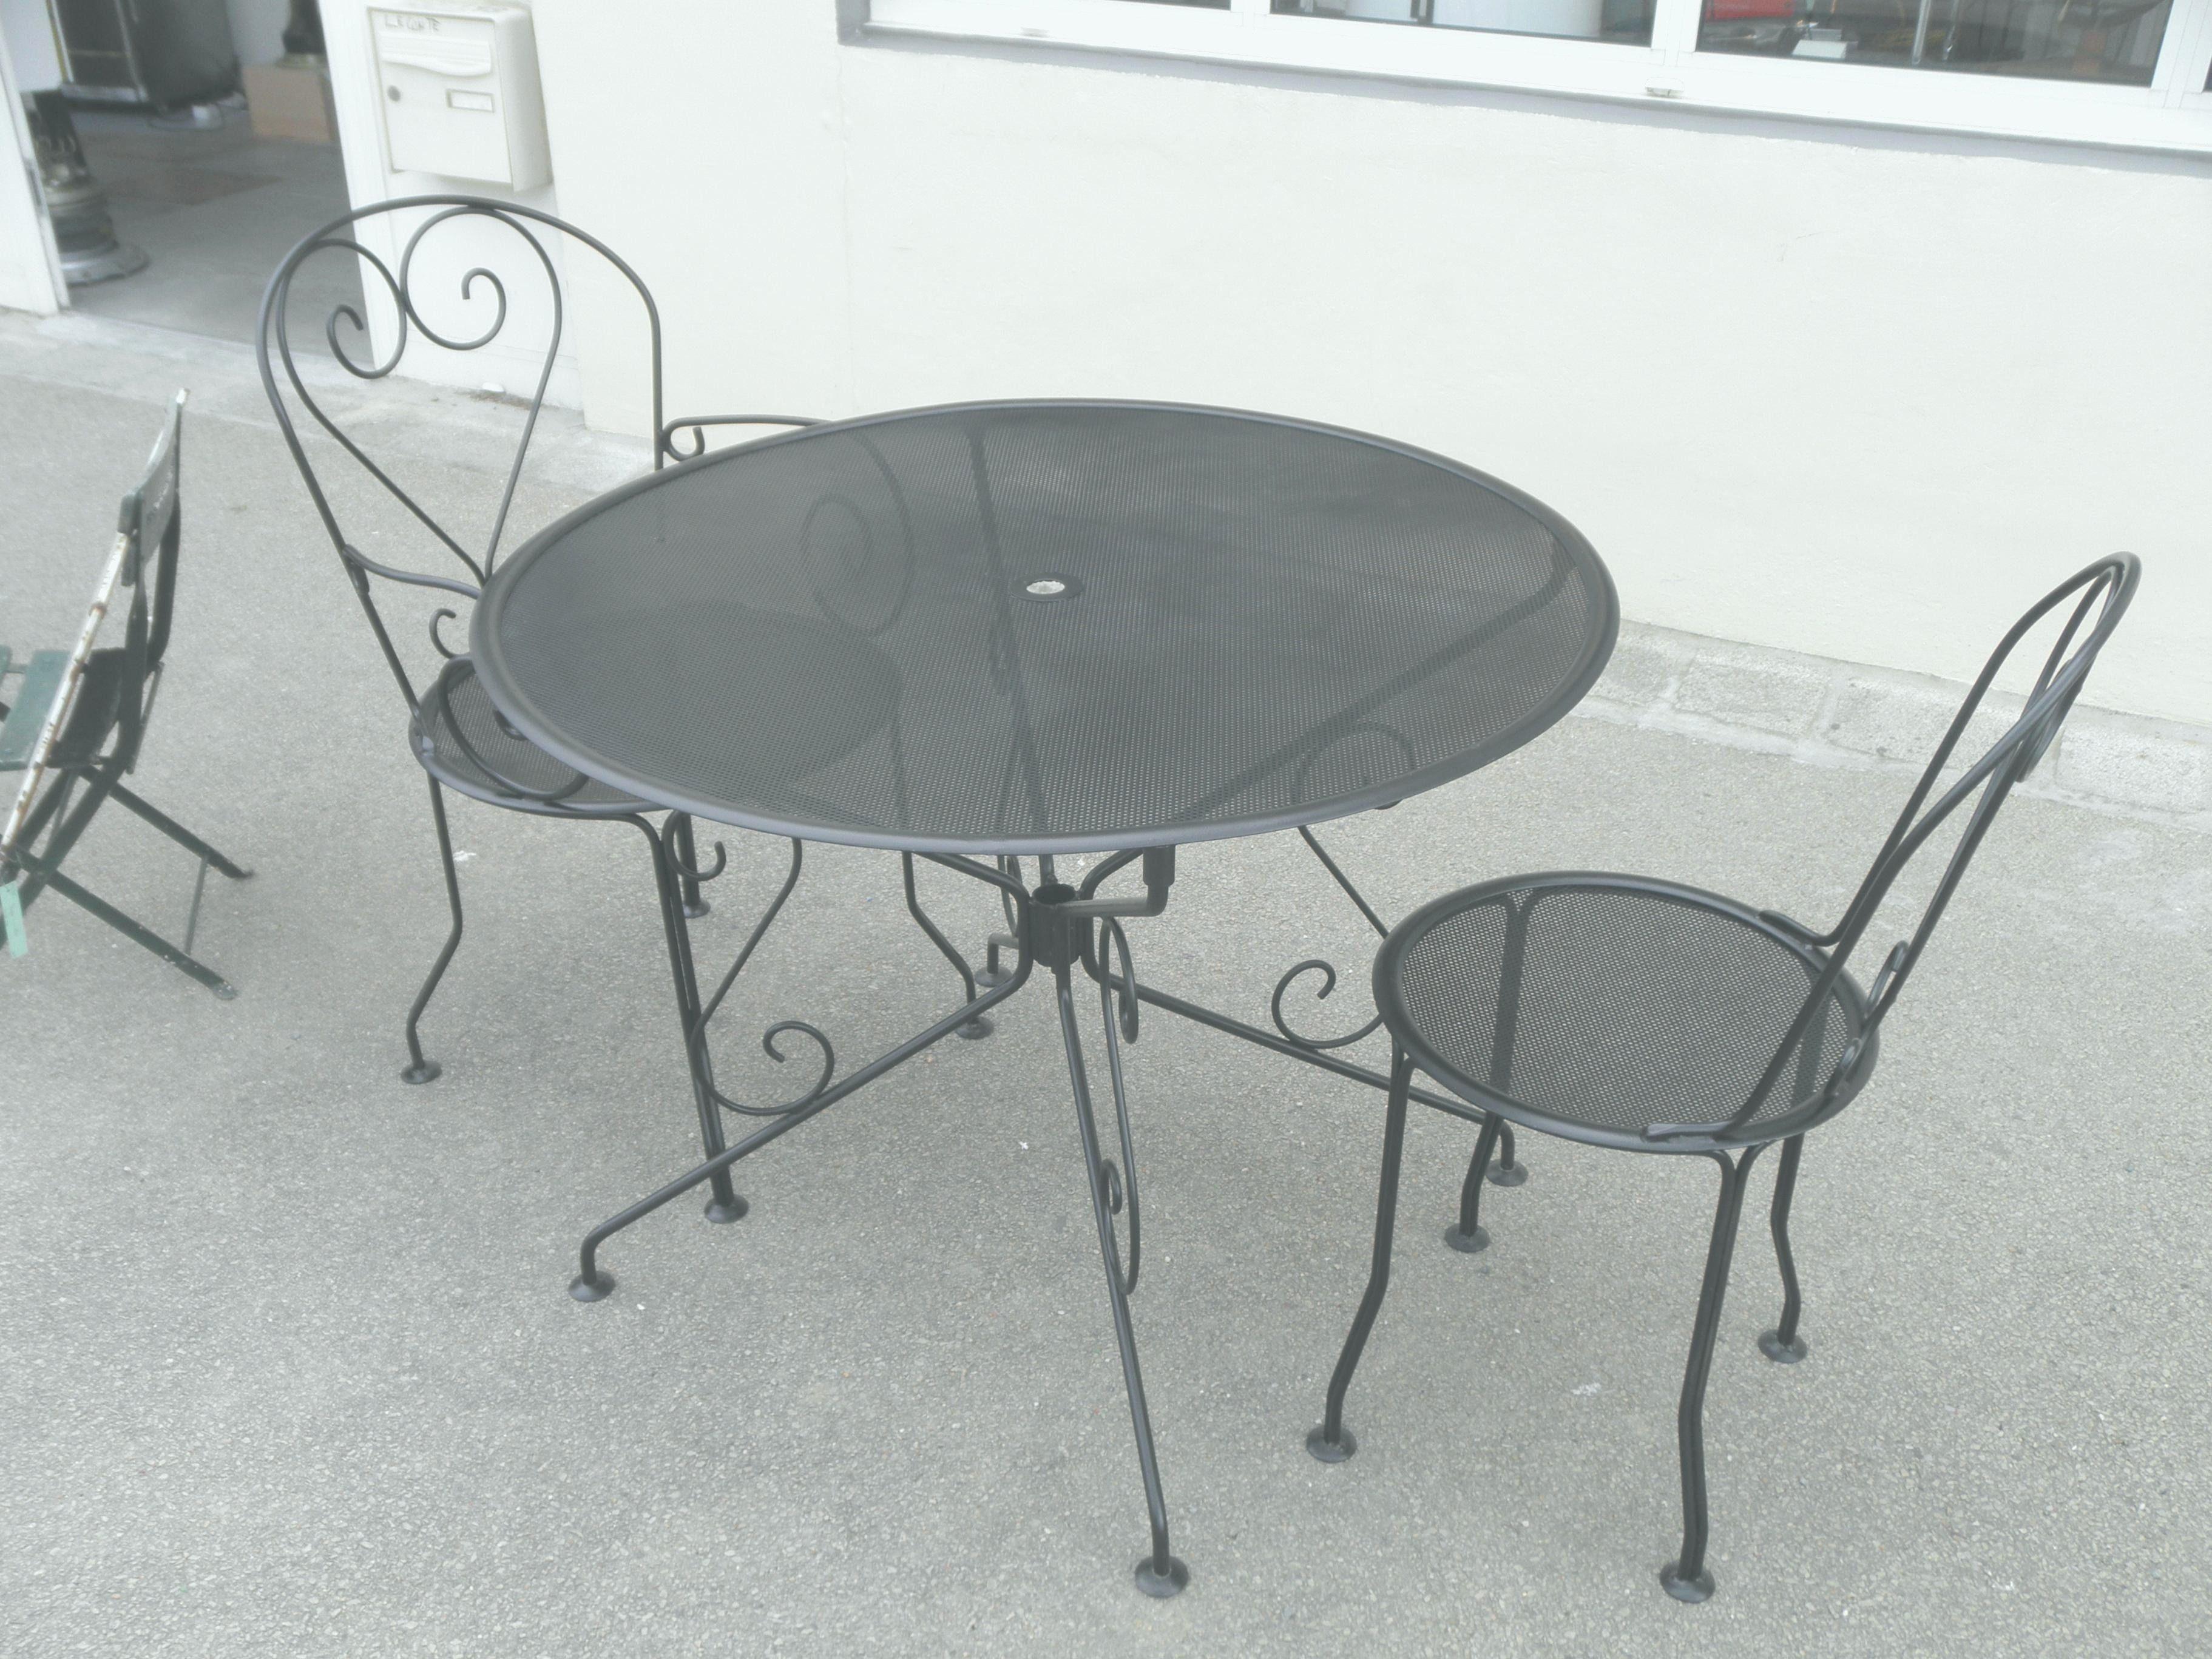 Lit Gigogne Bois Magnifique élégant Lit Gigogne Metal Conforama Phénoménal Table Basse A